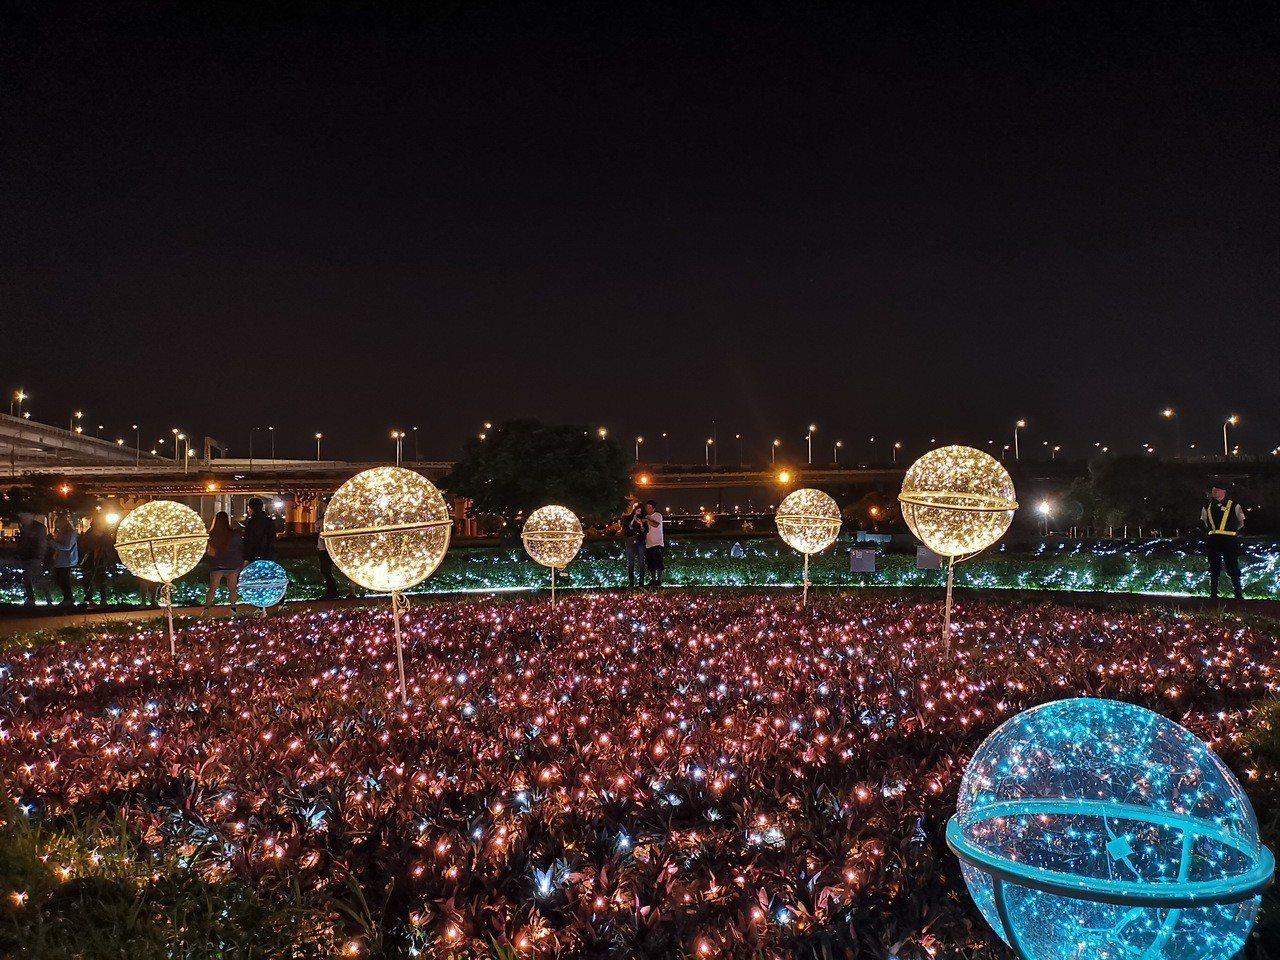 板橋江翠蝴蝶地景公園藉由50萬顆LED燈泡,打造出燦爛的光雕地景。圖/取自新北市...